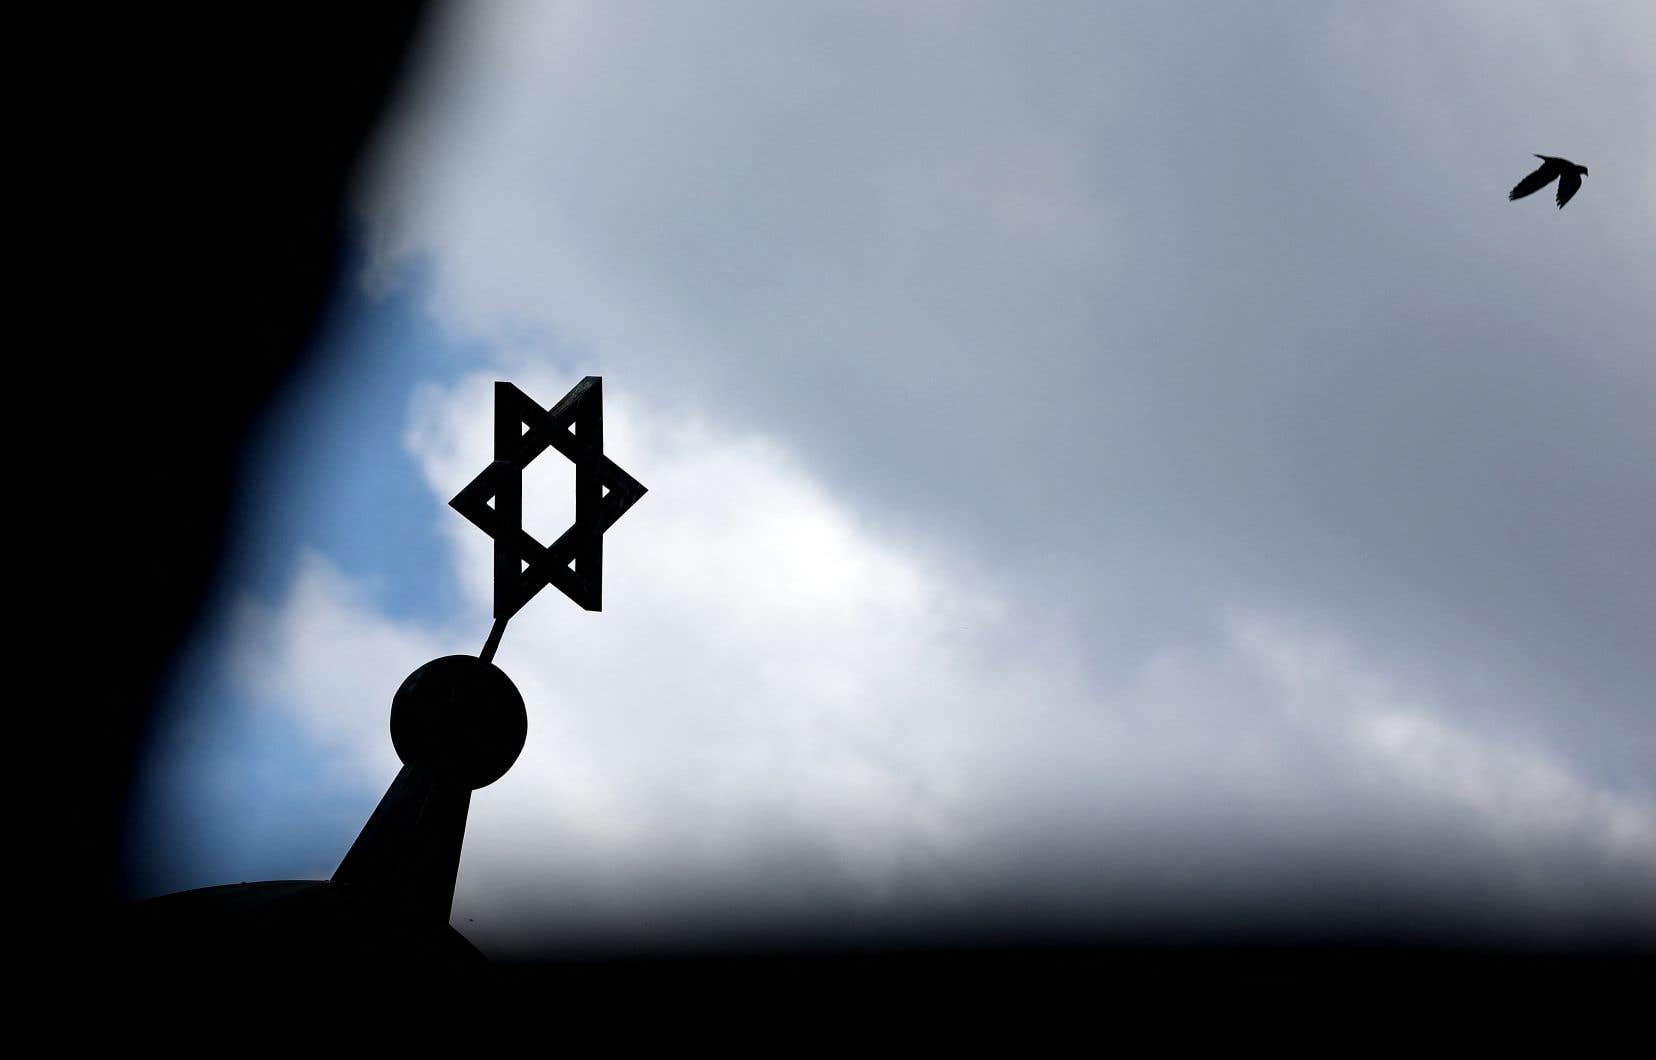 Selon l'auteur, le discours public de remise en question du droit d'Israël de se défendre contre le terrorisme et de son droit à exister en tant qu'État juif est un des discours les plus préoccupants actuellement, car il fait fi du droit international.